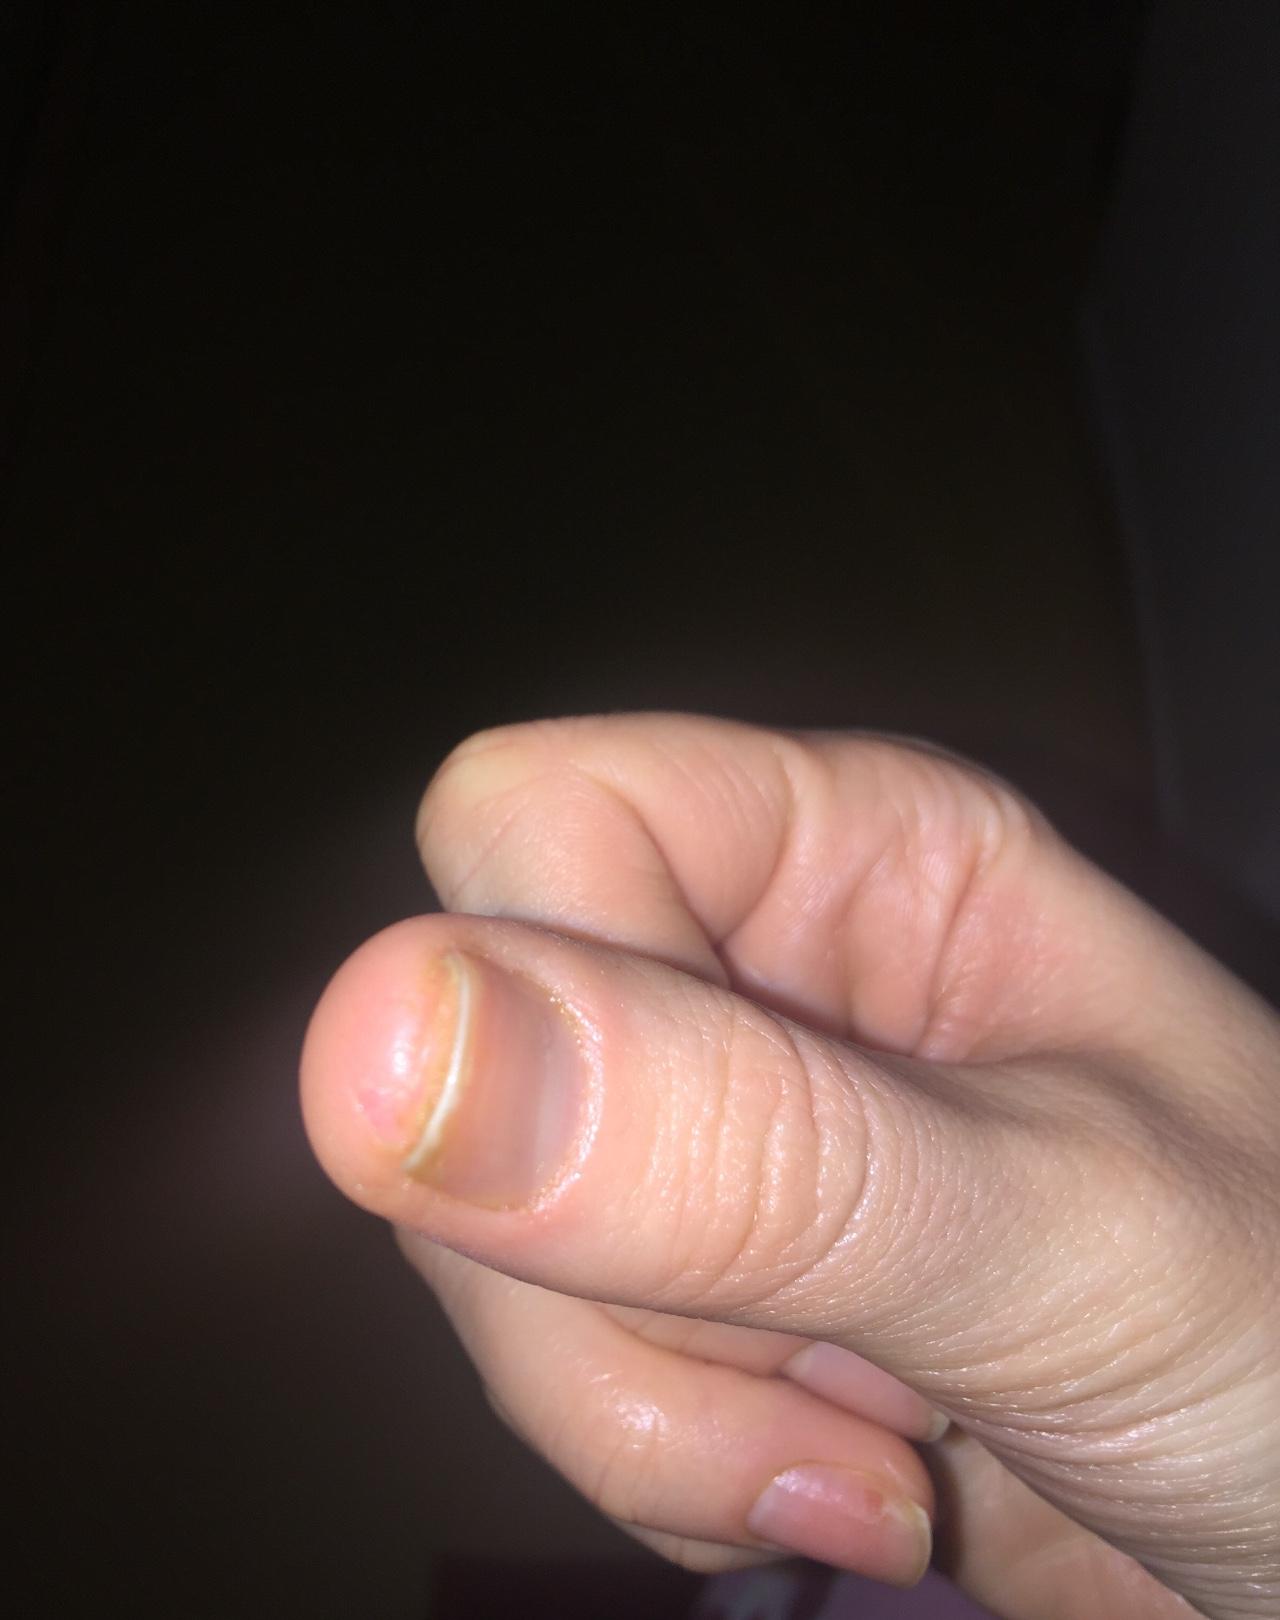 Трескается кожа под ногтем на руке